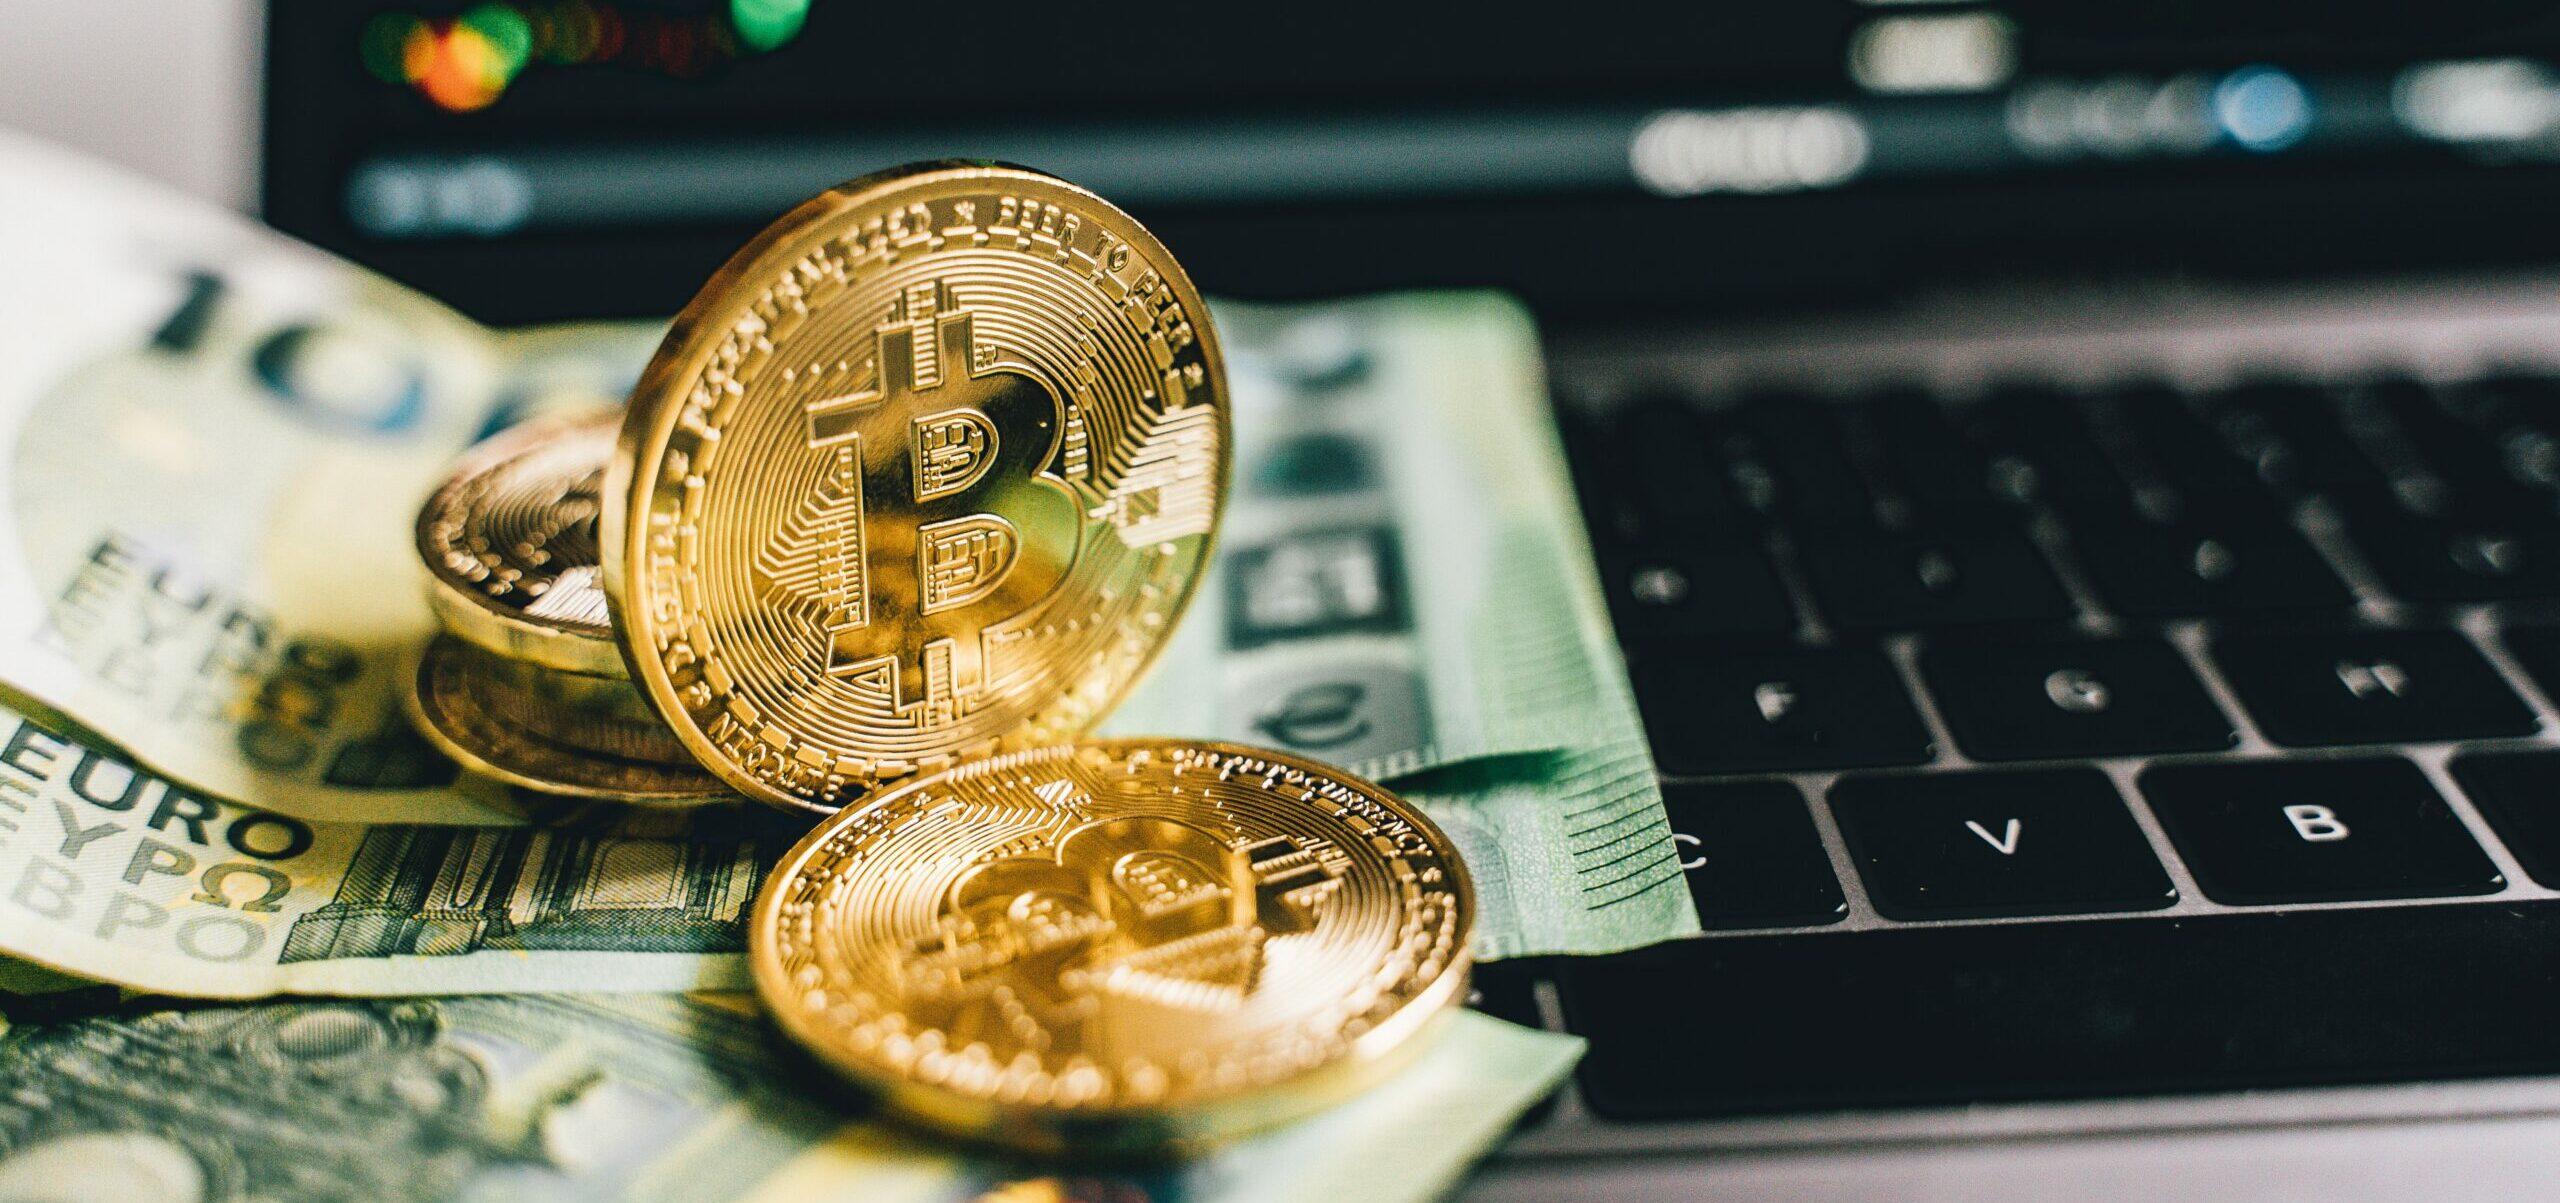 gdje kupiti bitcoin)